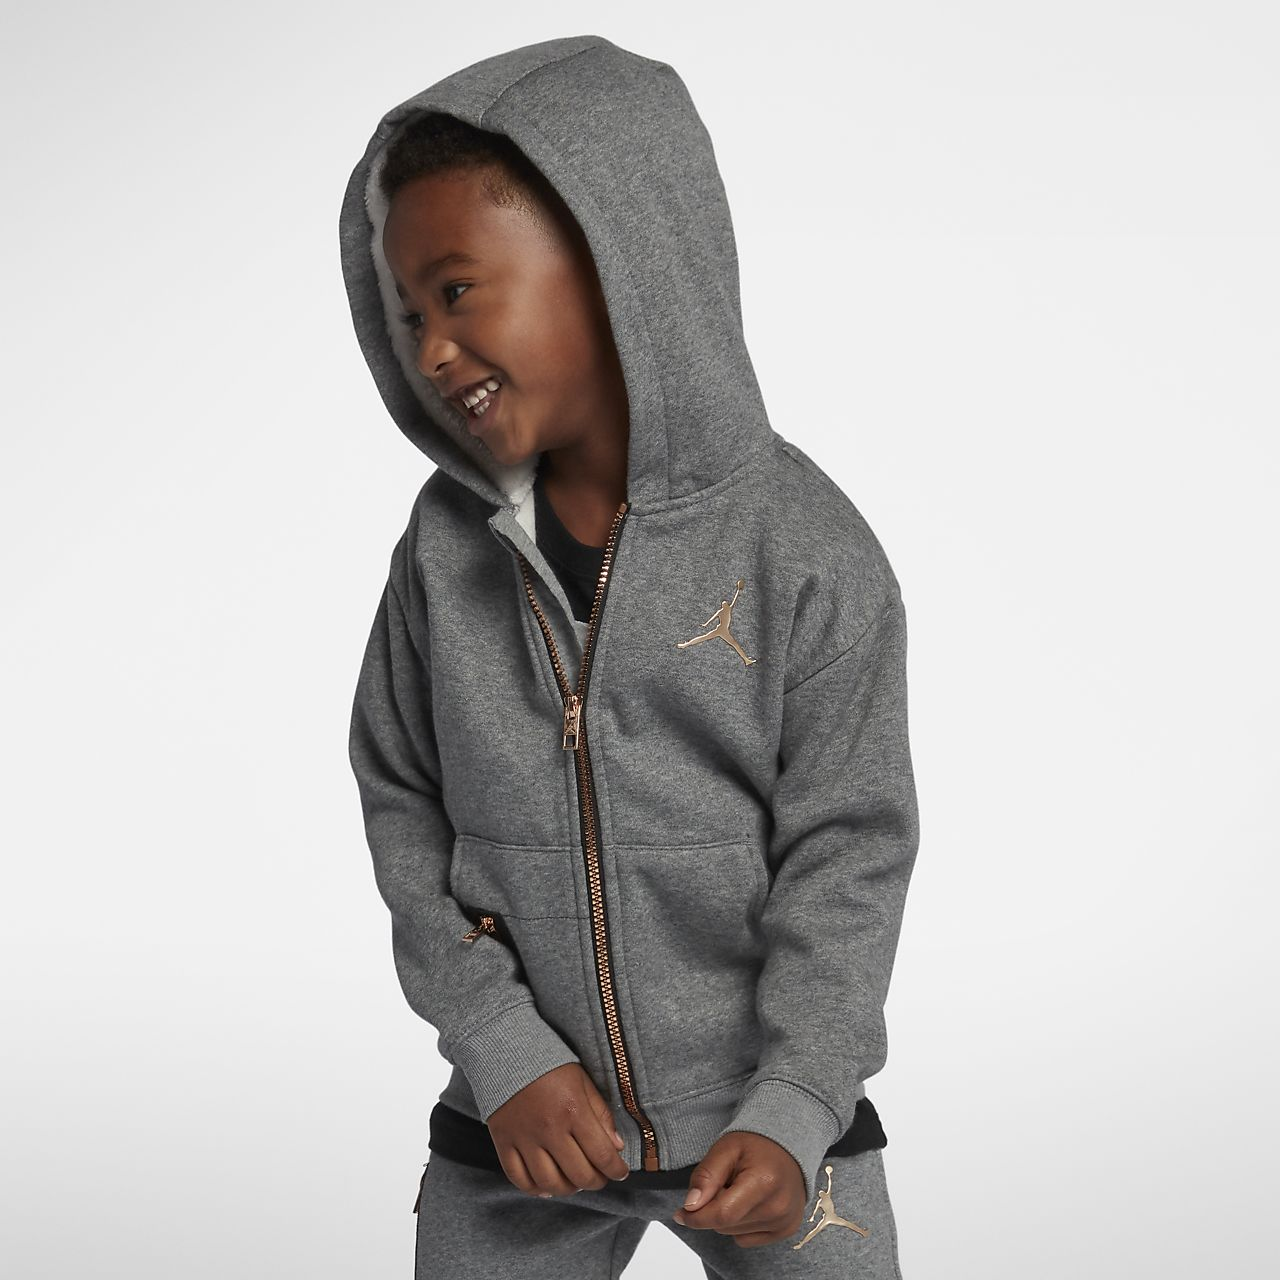 Bluza z kapturem i zamkiem na całej długości dla małych dzieci Jordan